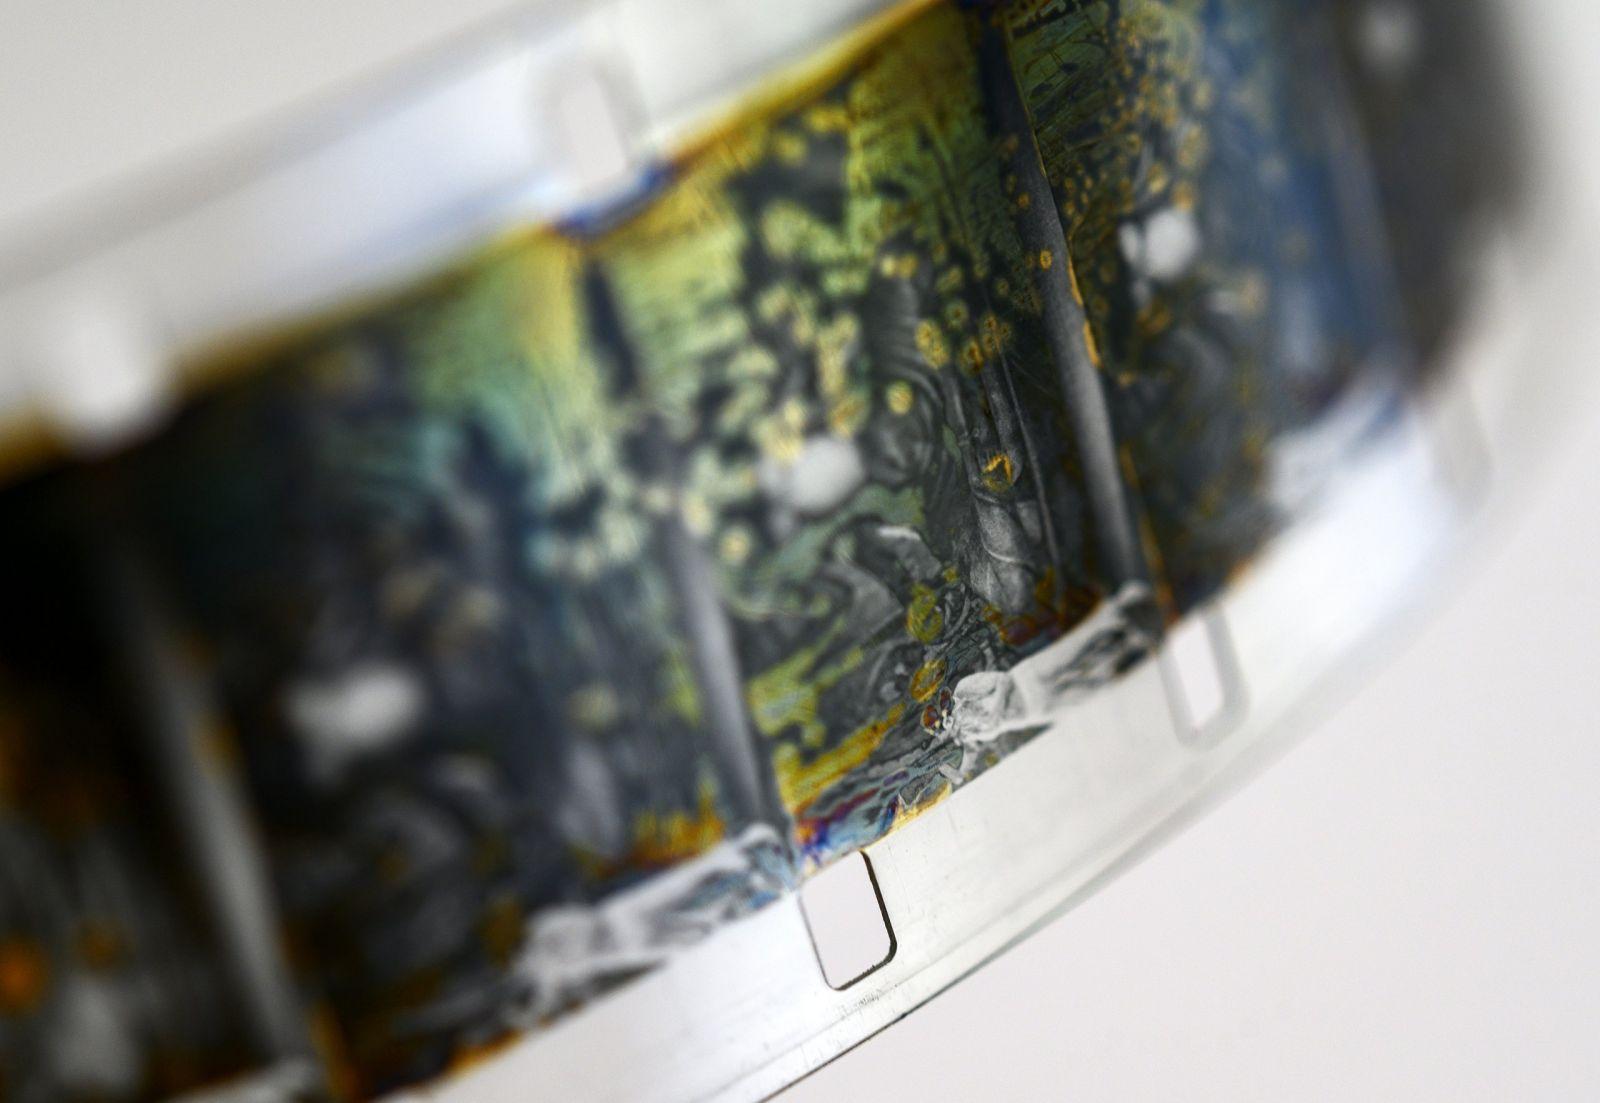 Nahaufnahme eines Filmstreifens mit silbern-schillernden Artefakten